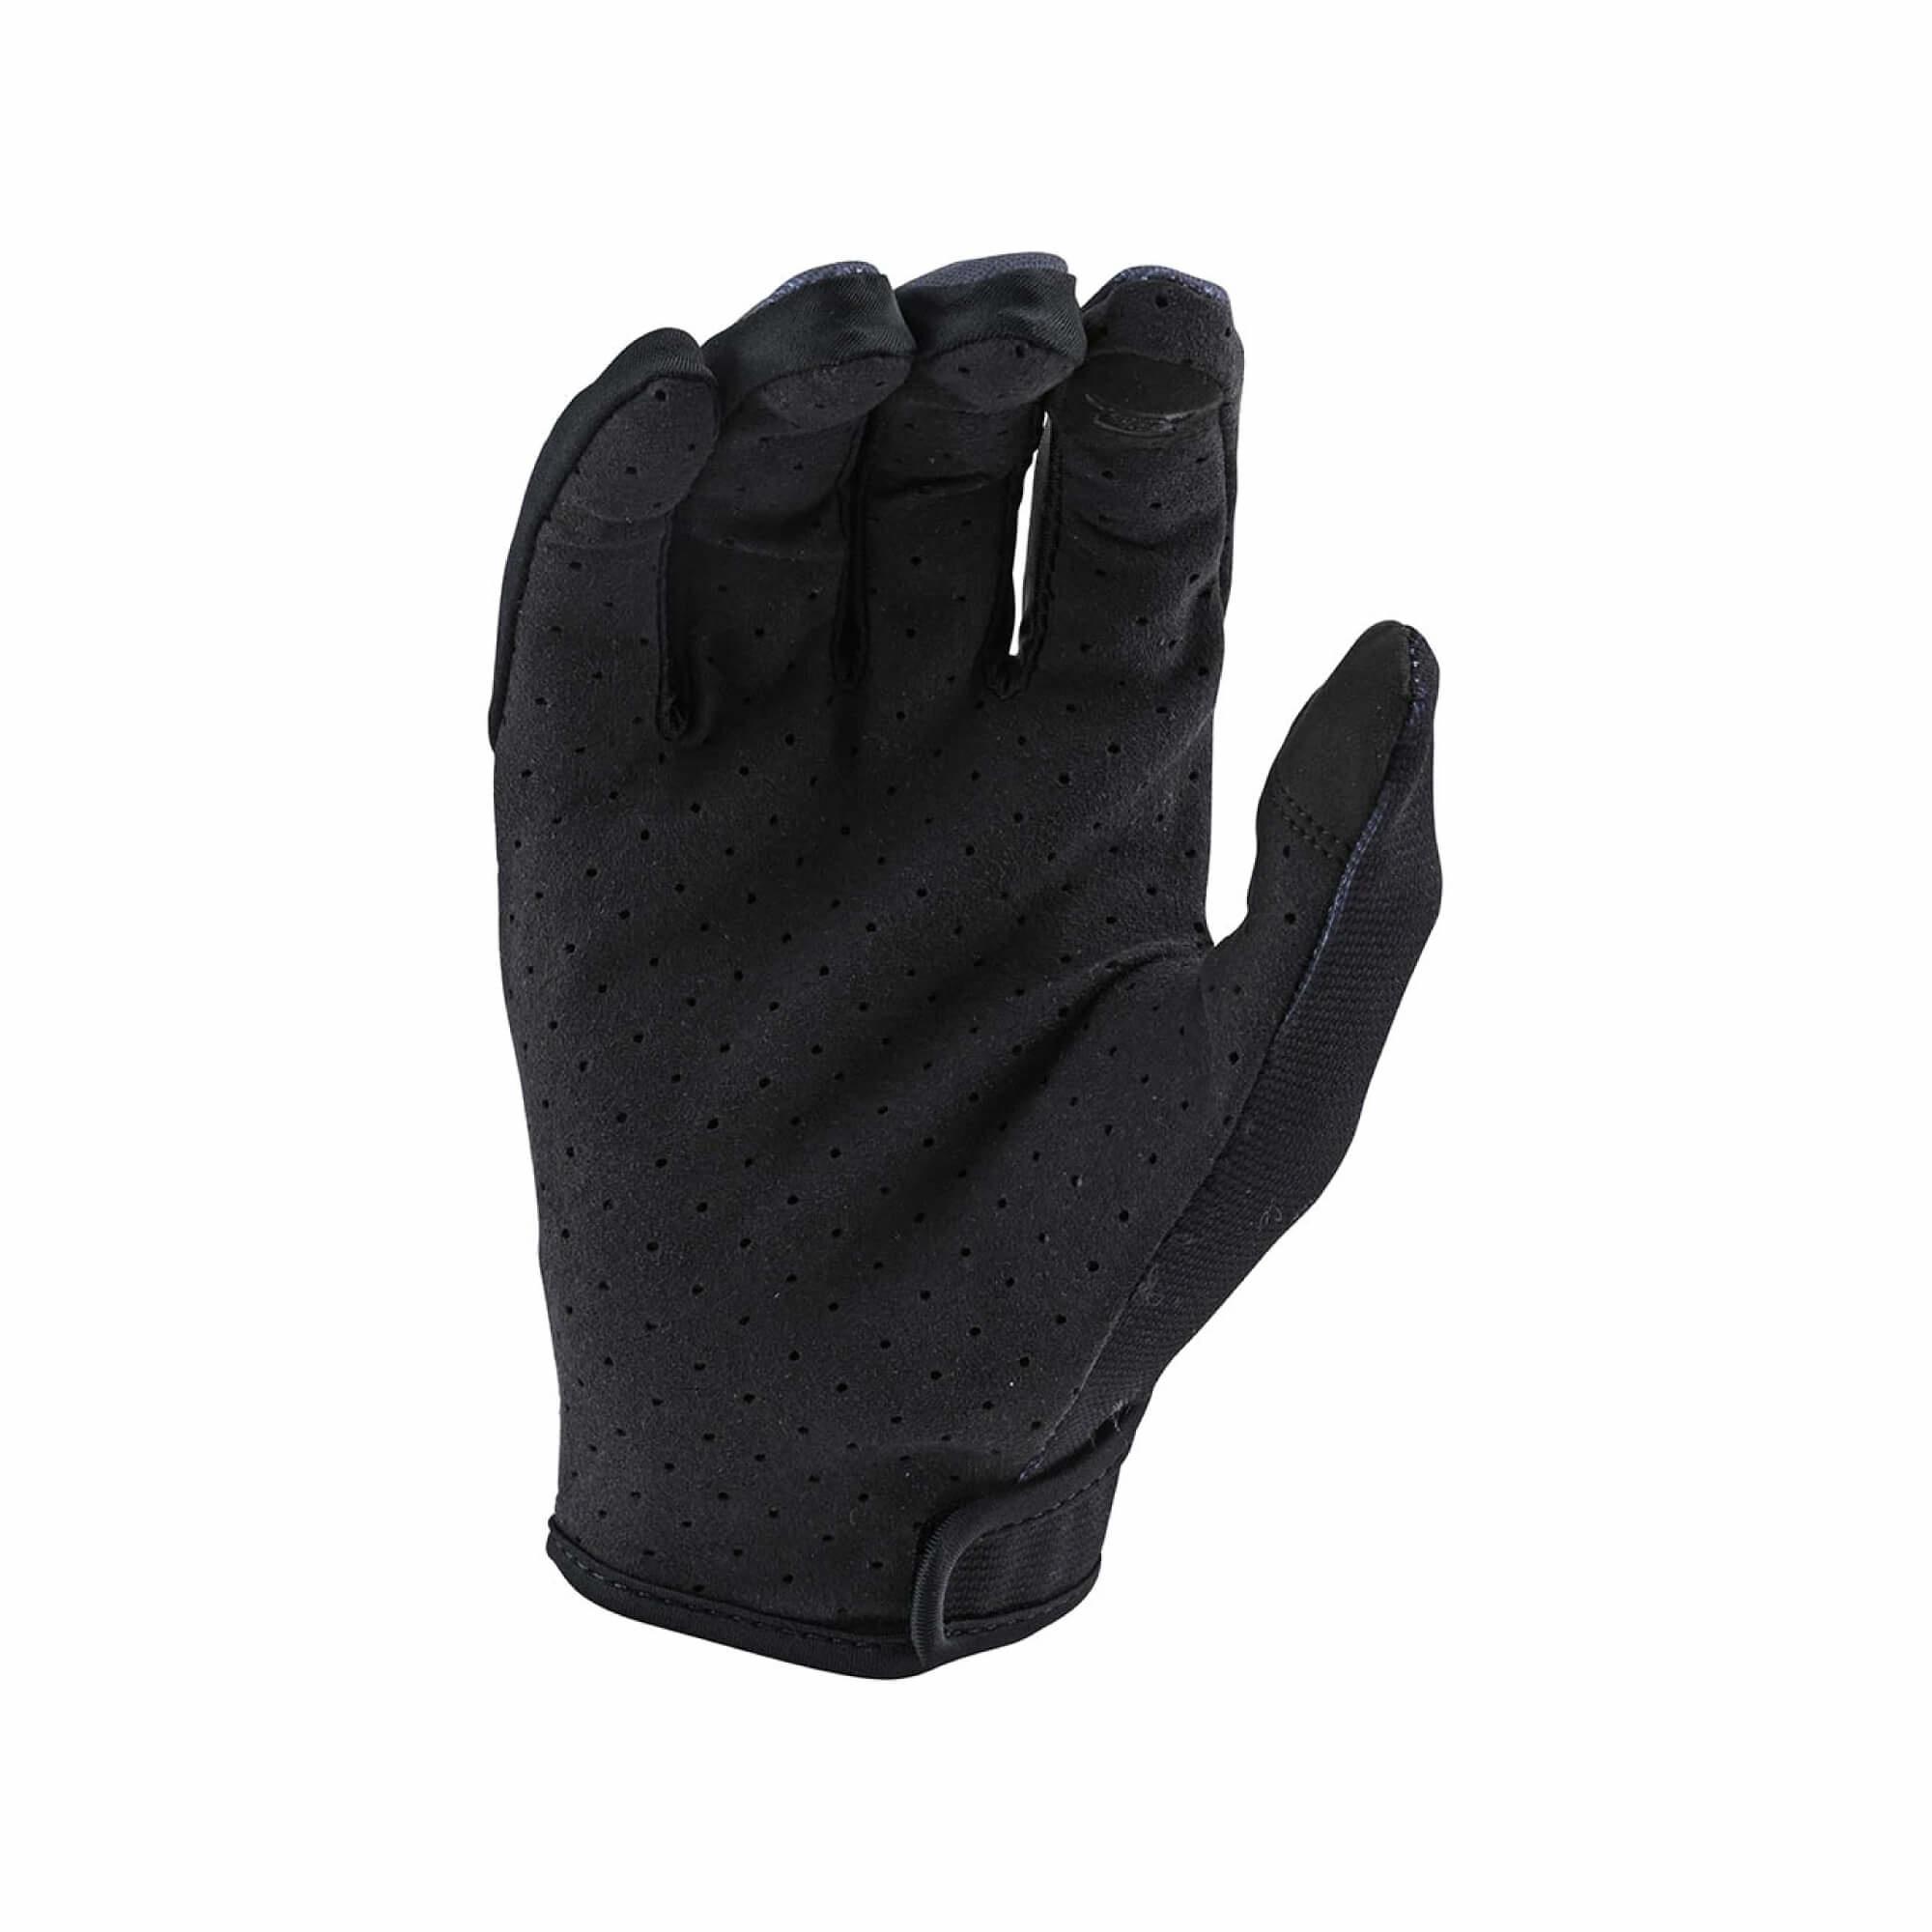 Flowline Glove 21-2